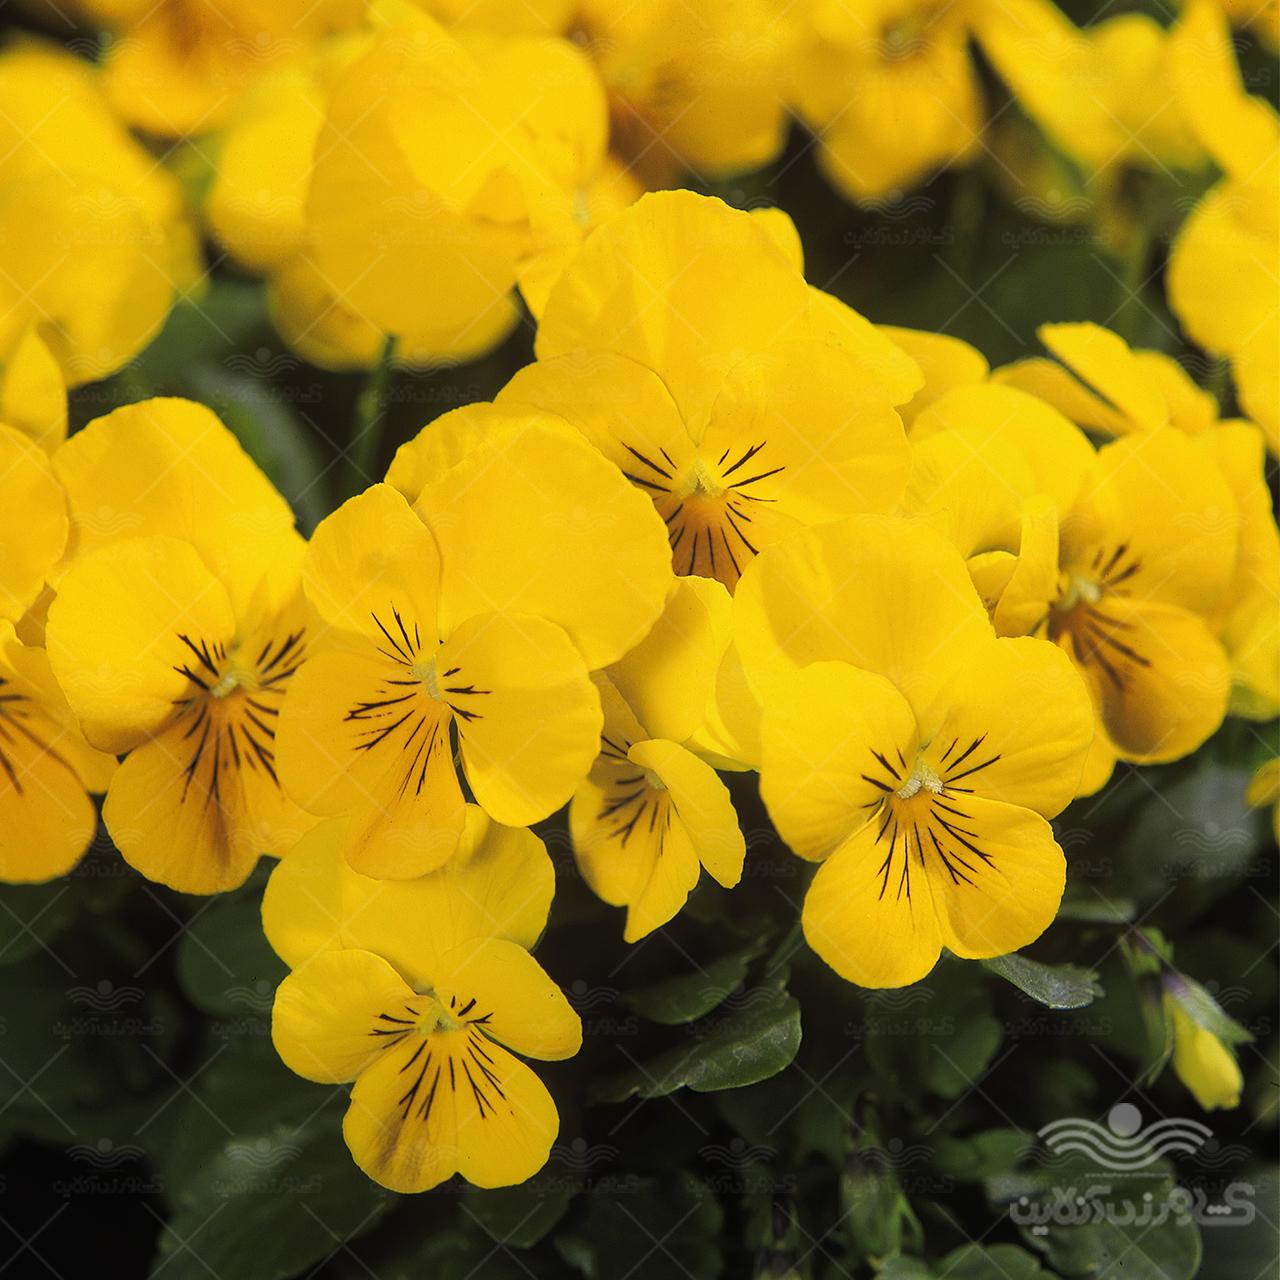 بذر بنفشه زرد